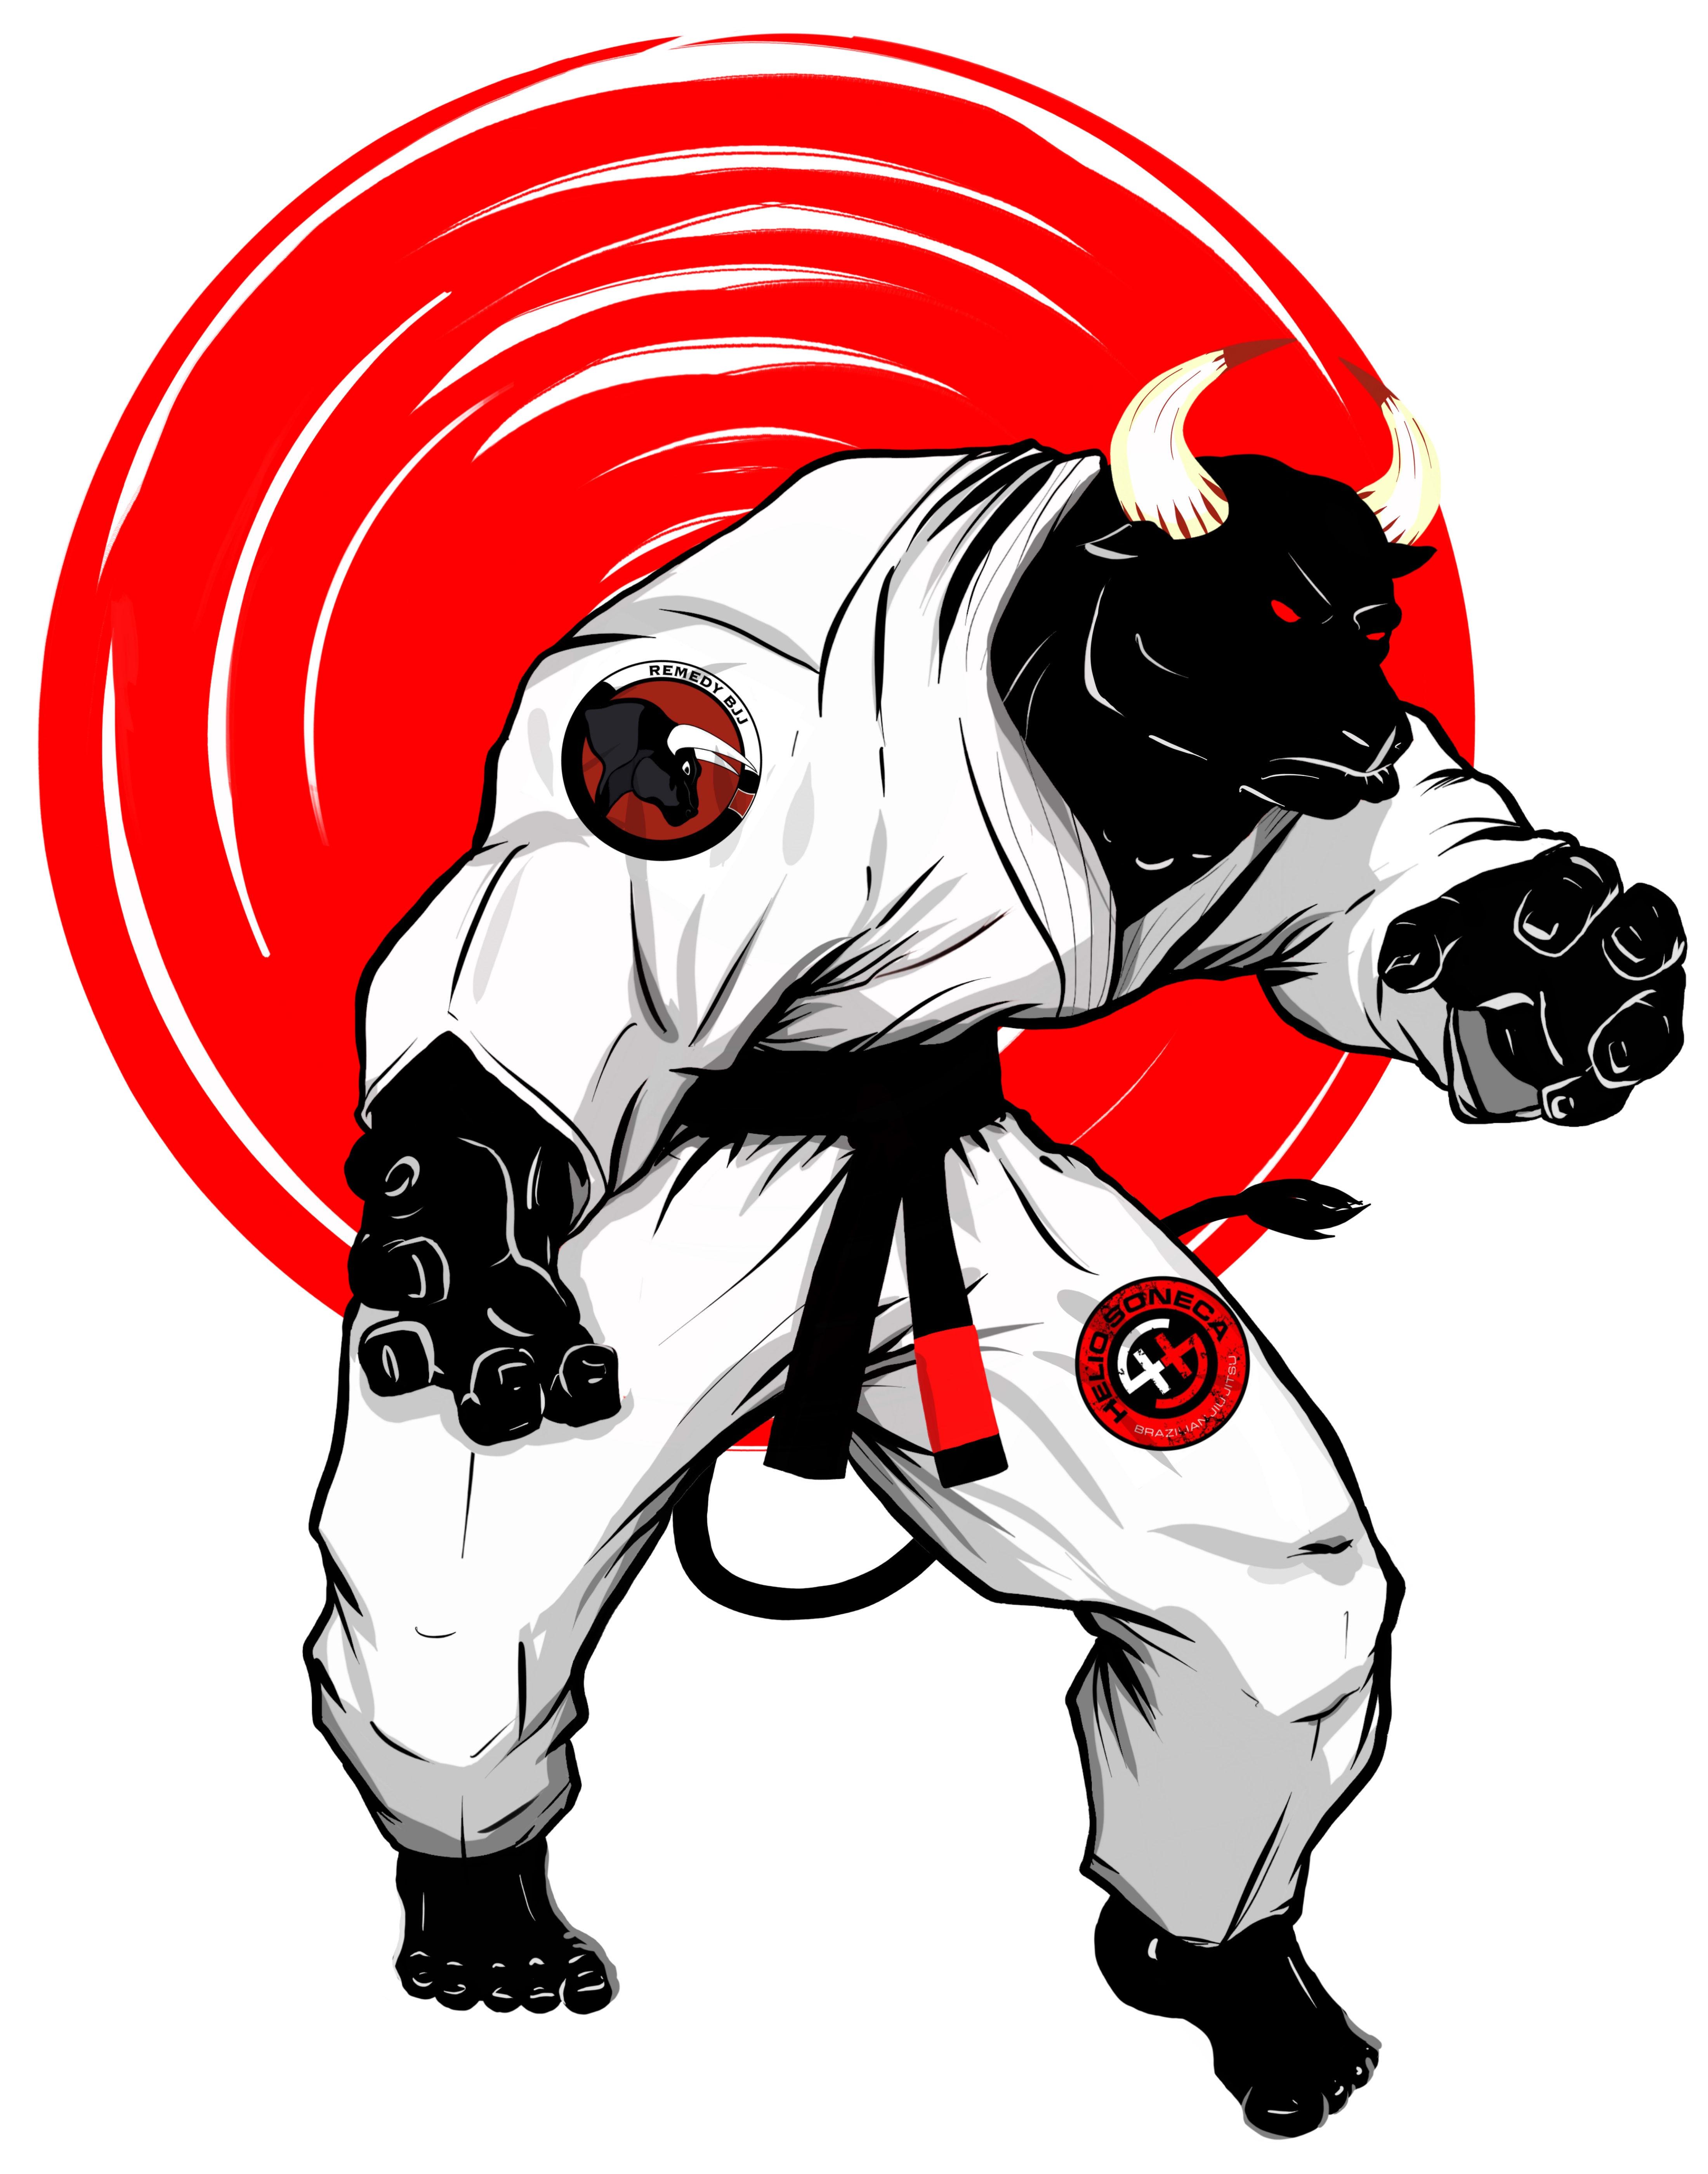 вечером мою крутая картинка бойцовского пса в кимоно для